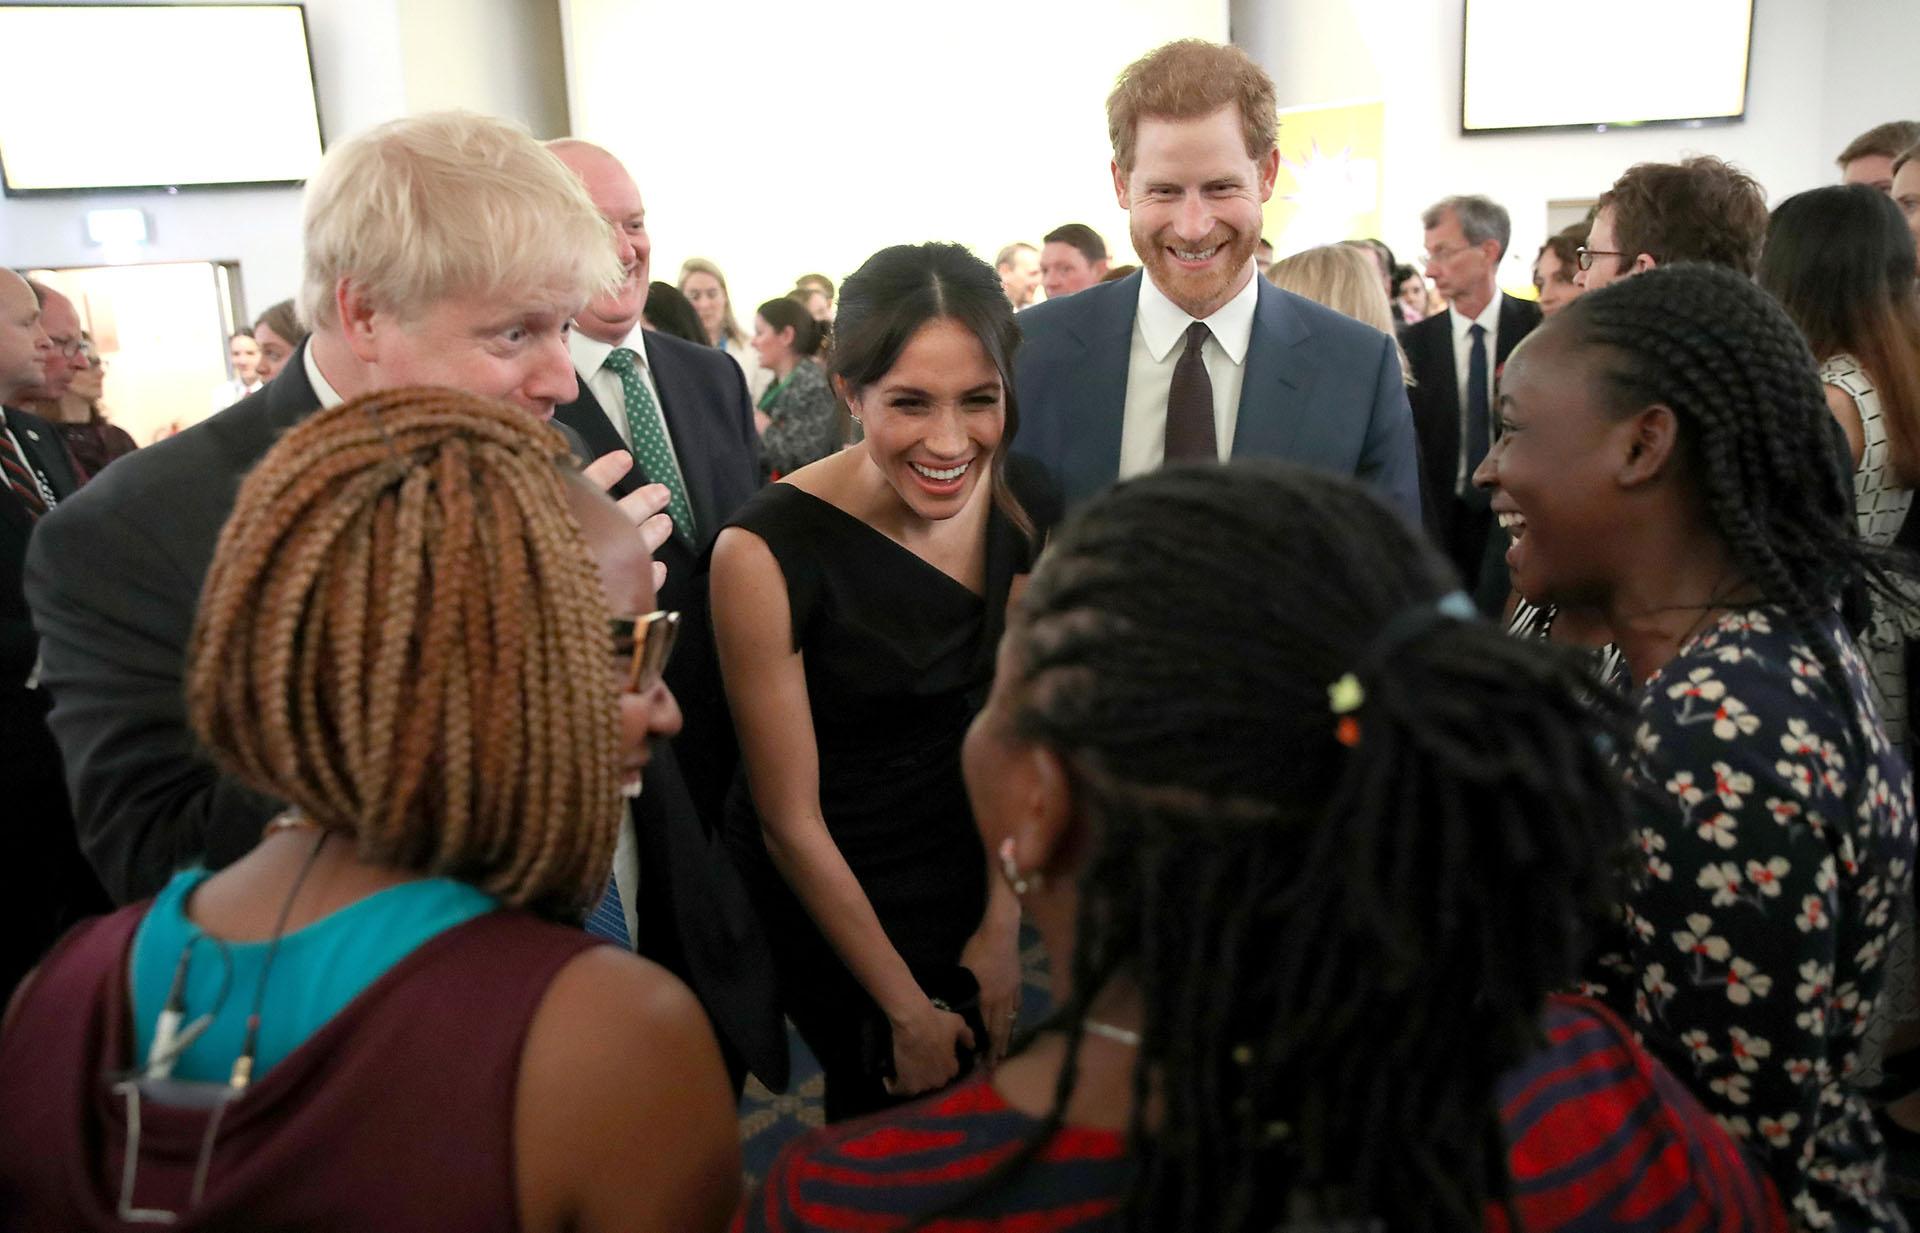 Luego, la pareja se desplazará a la sala San Jorge para una recepción presidida por la reina